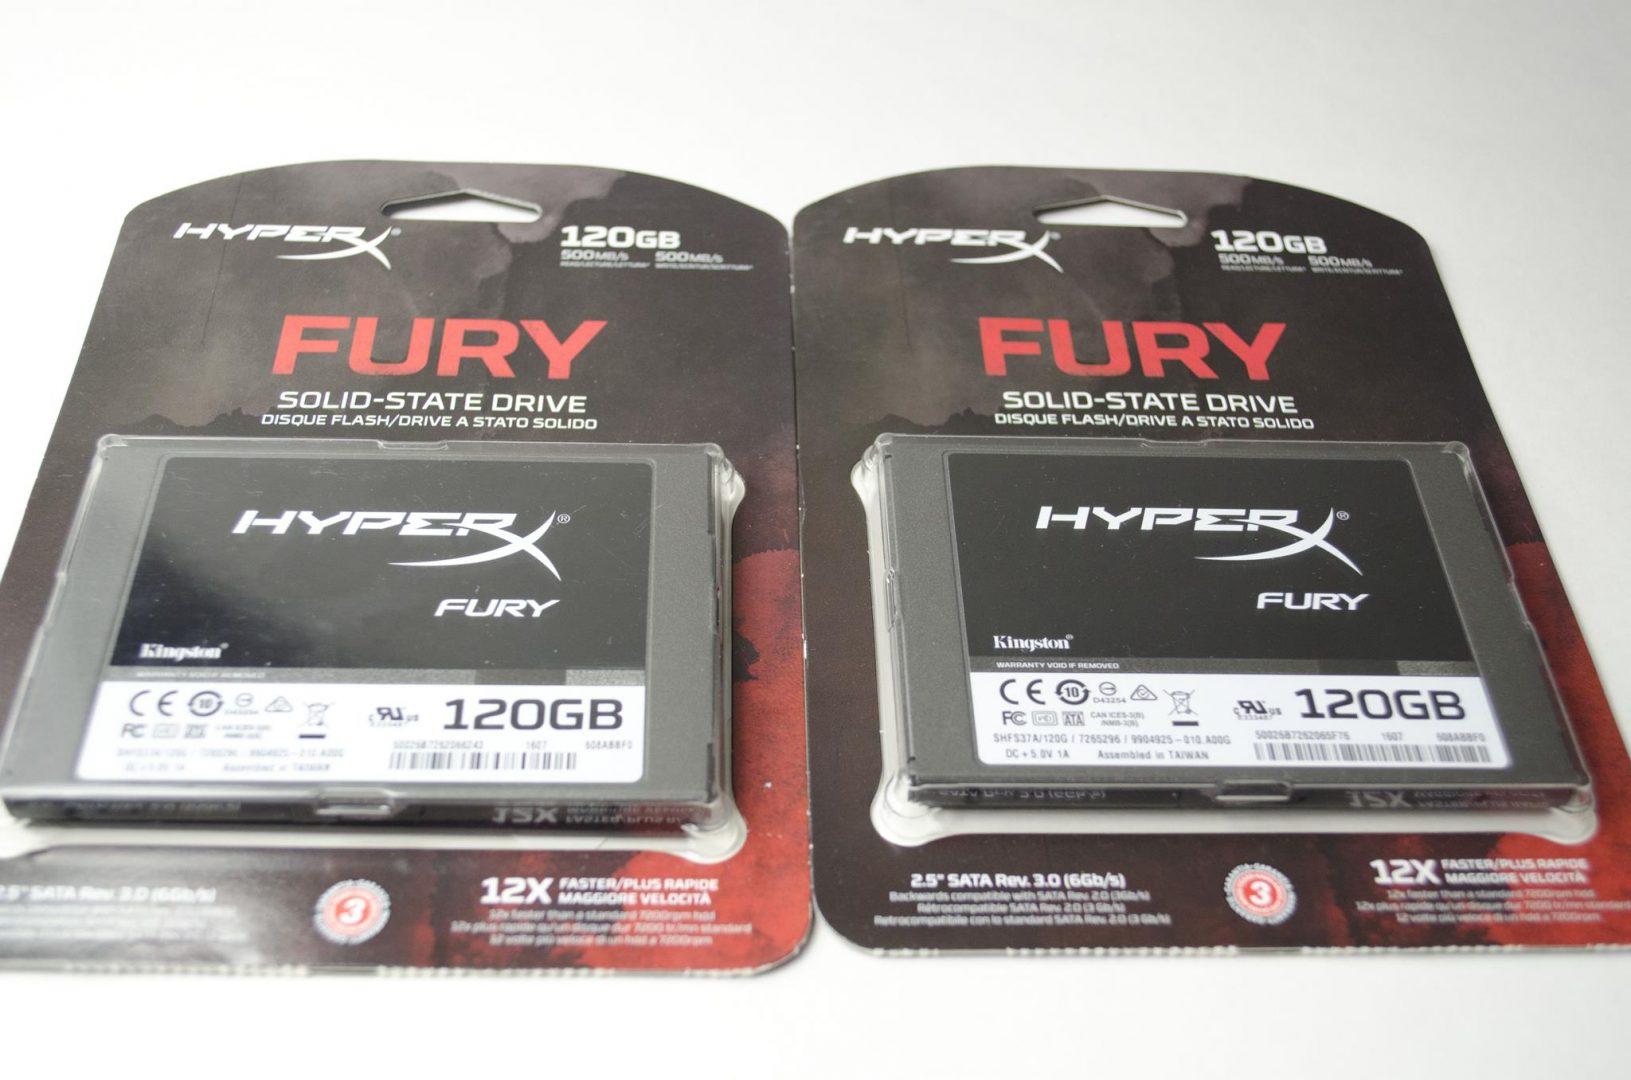 HyperX Fury SSD 120GB